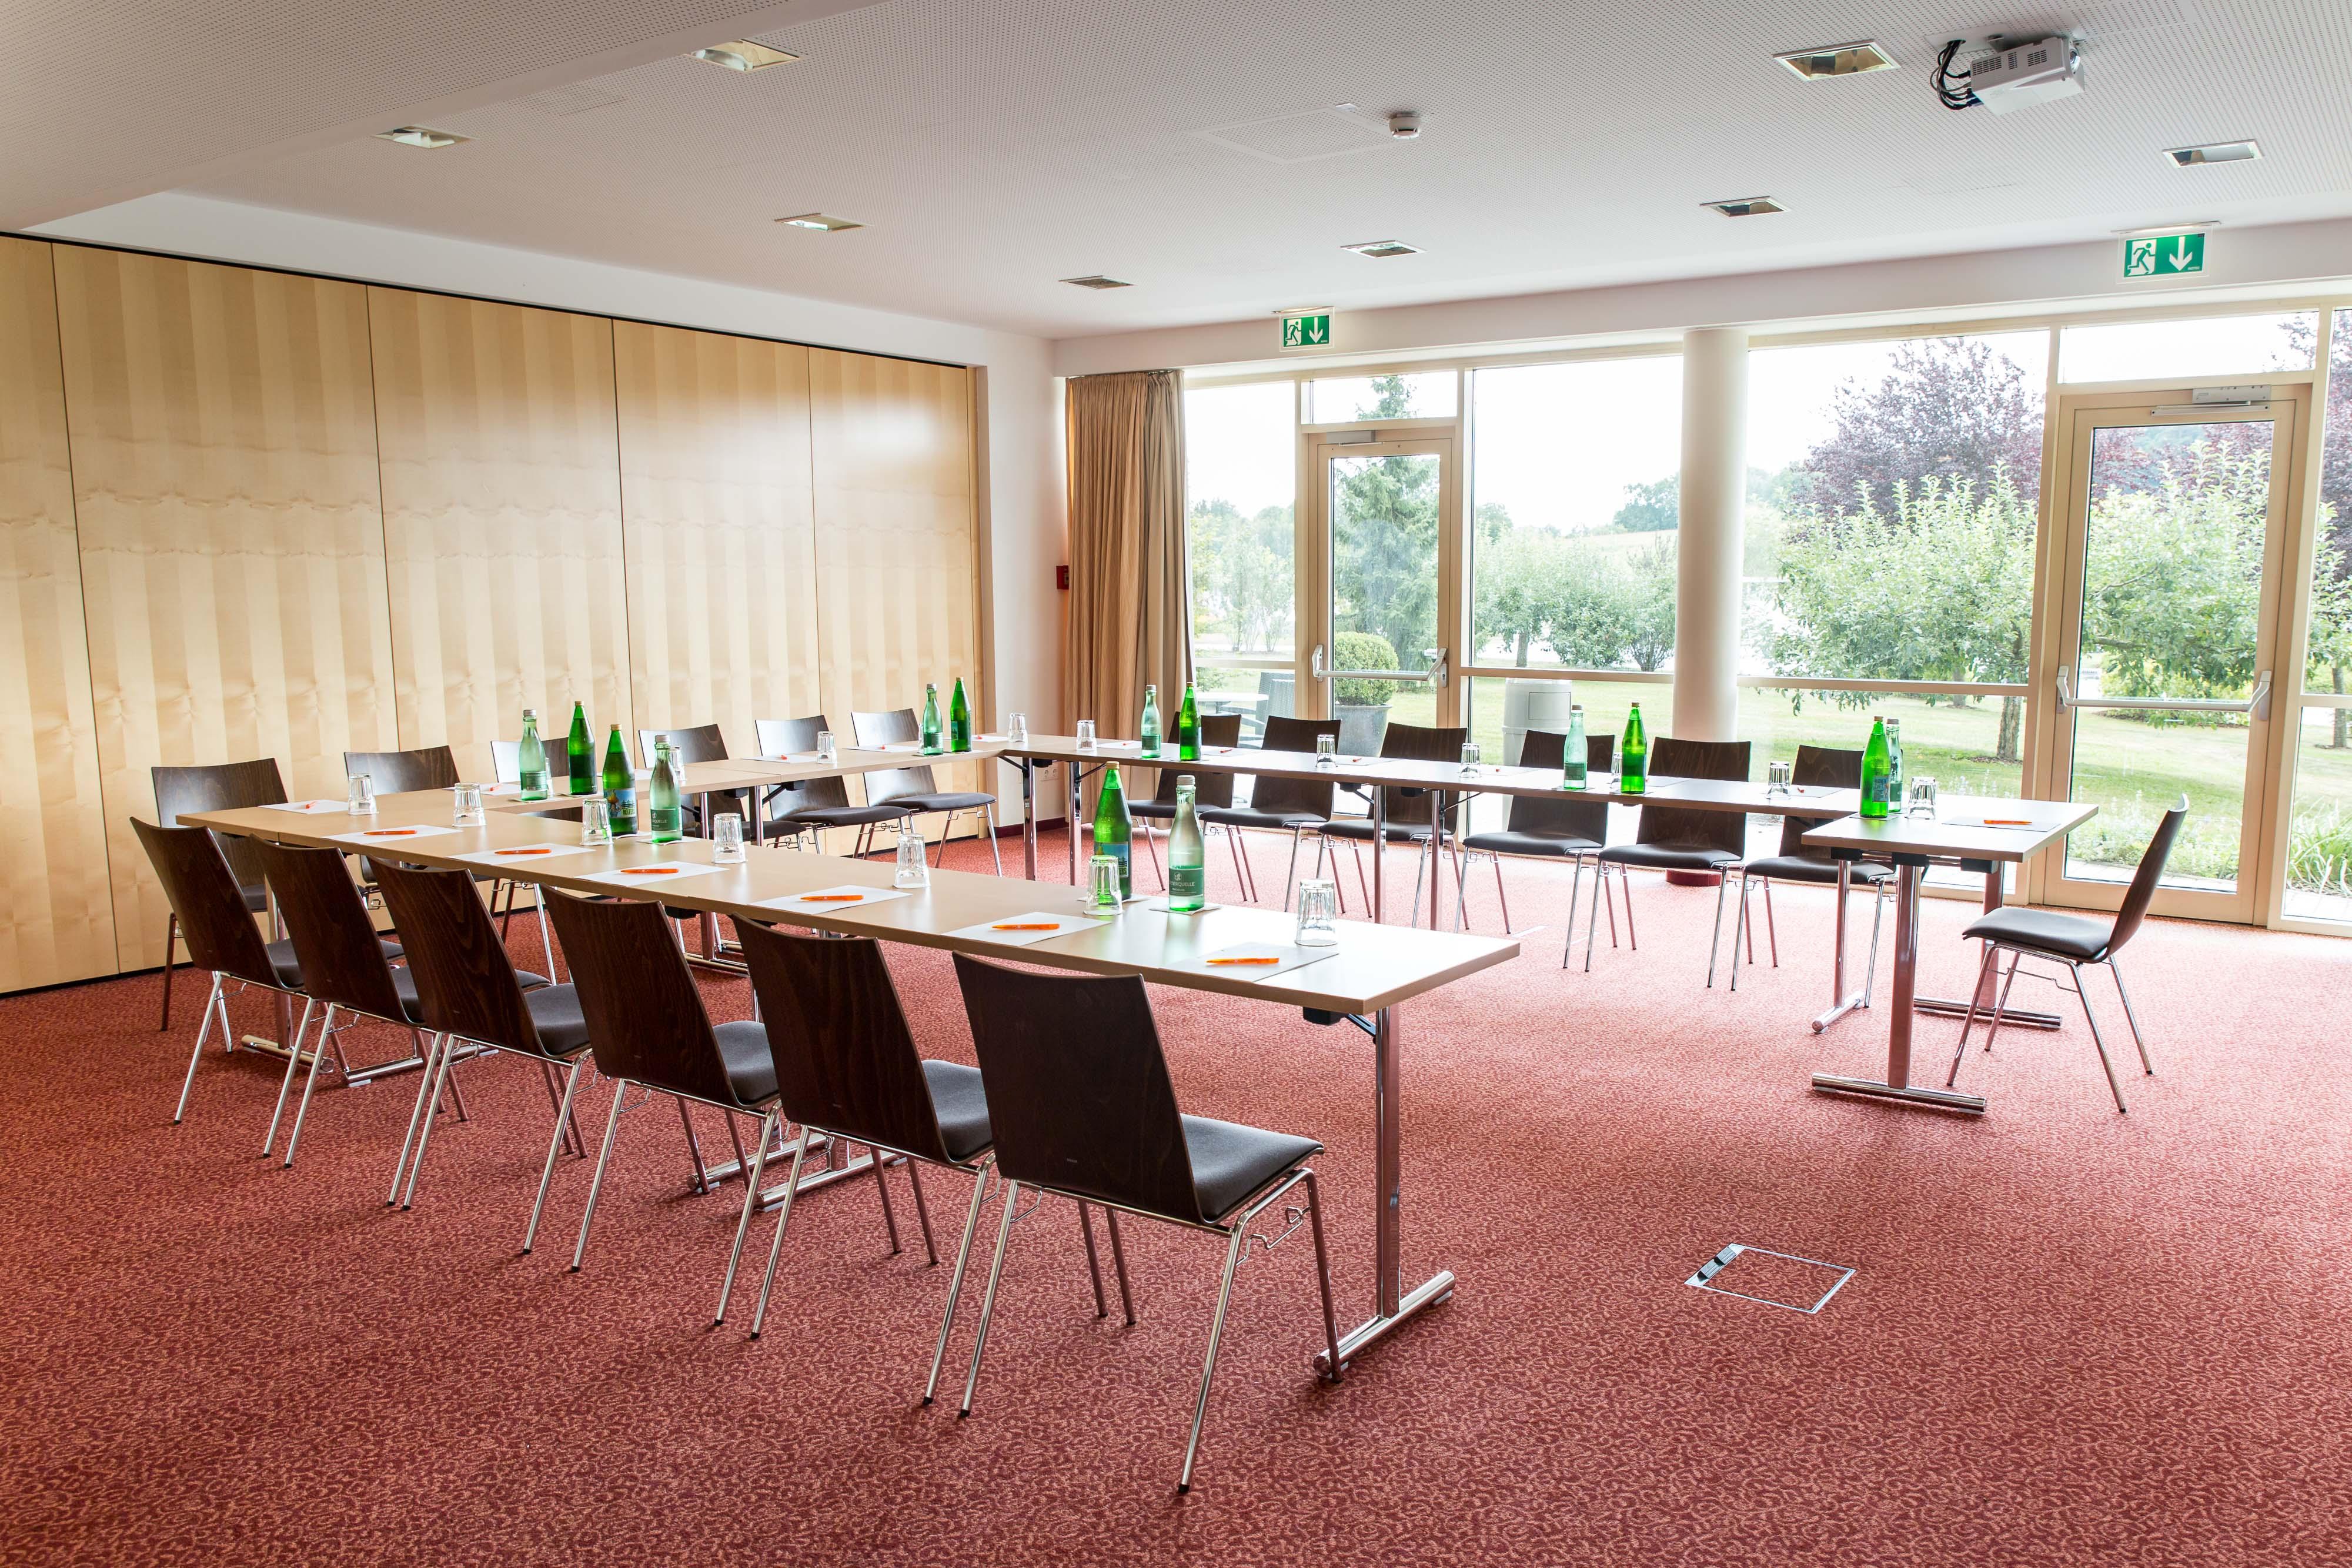 Tagen, Wellness & mehr Im Allegria Resort Stegersbach by Reiters